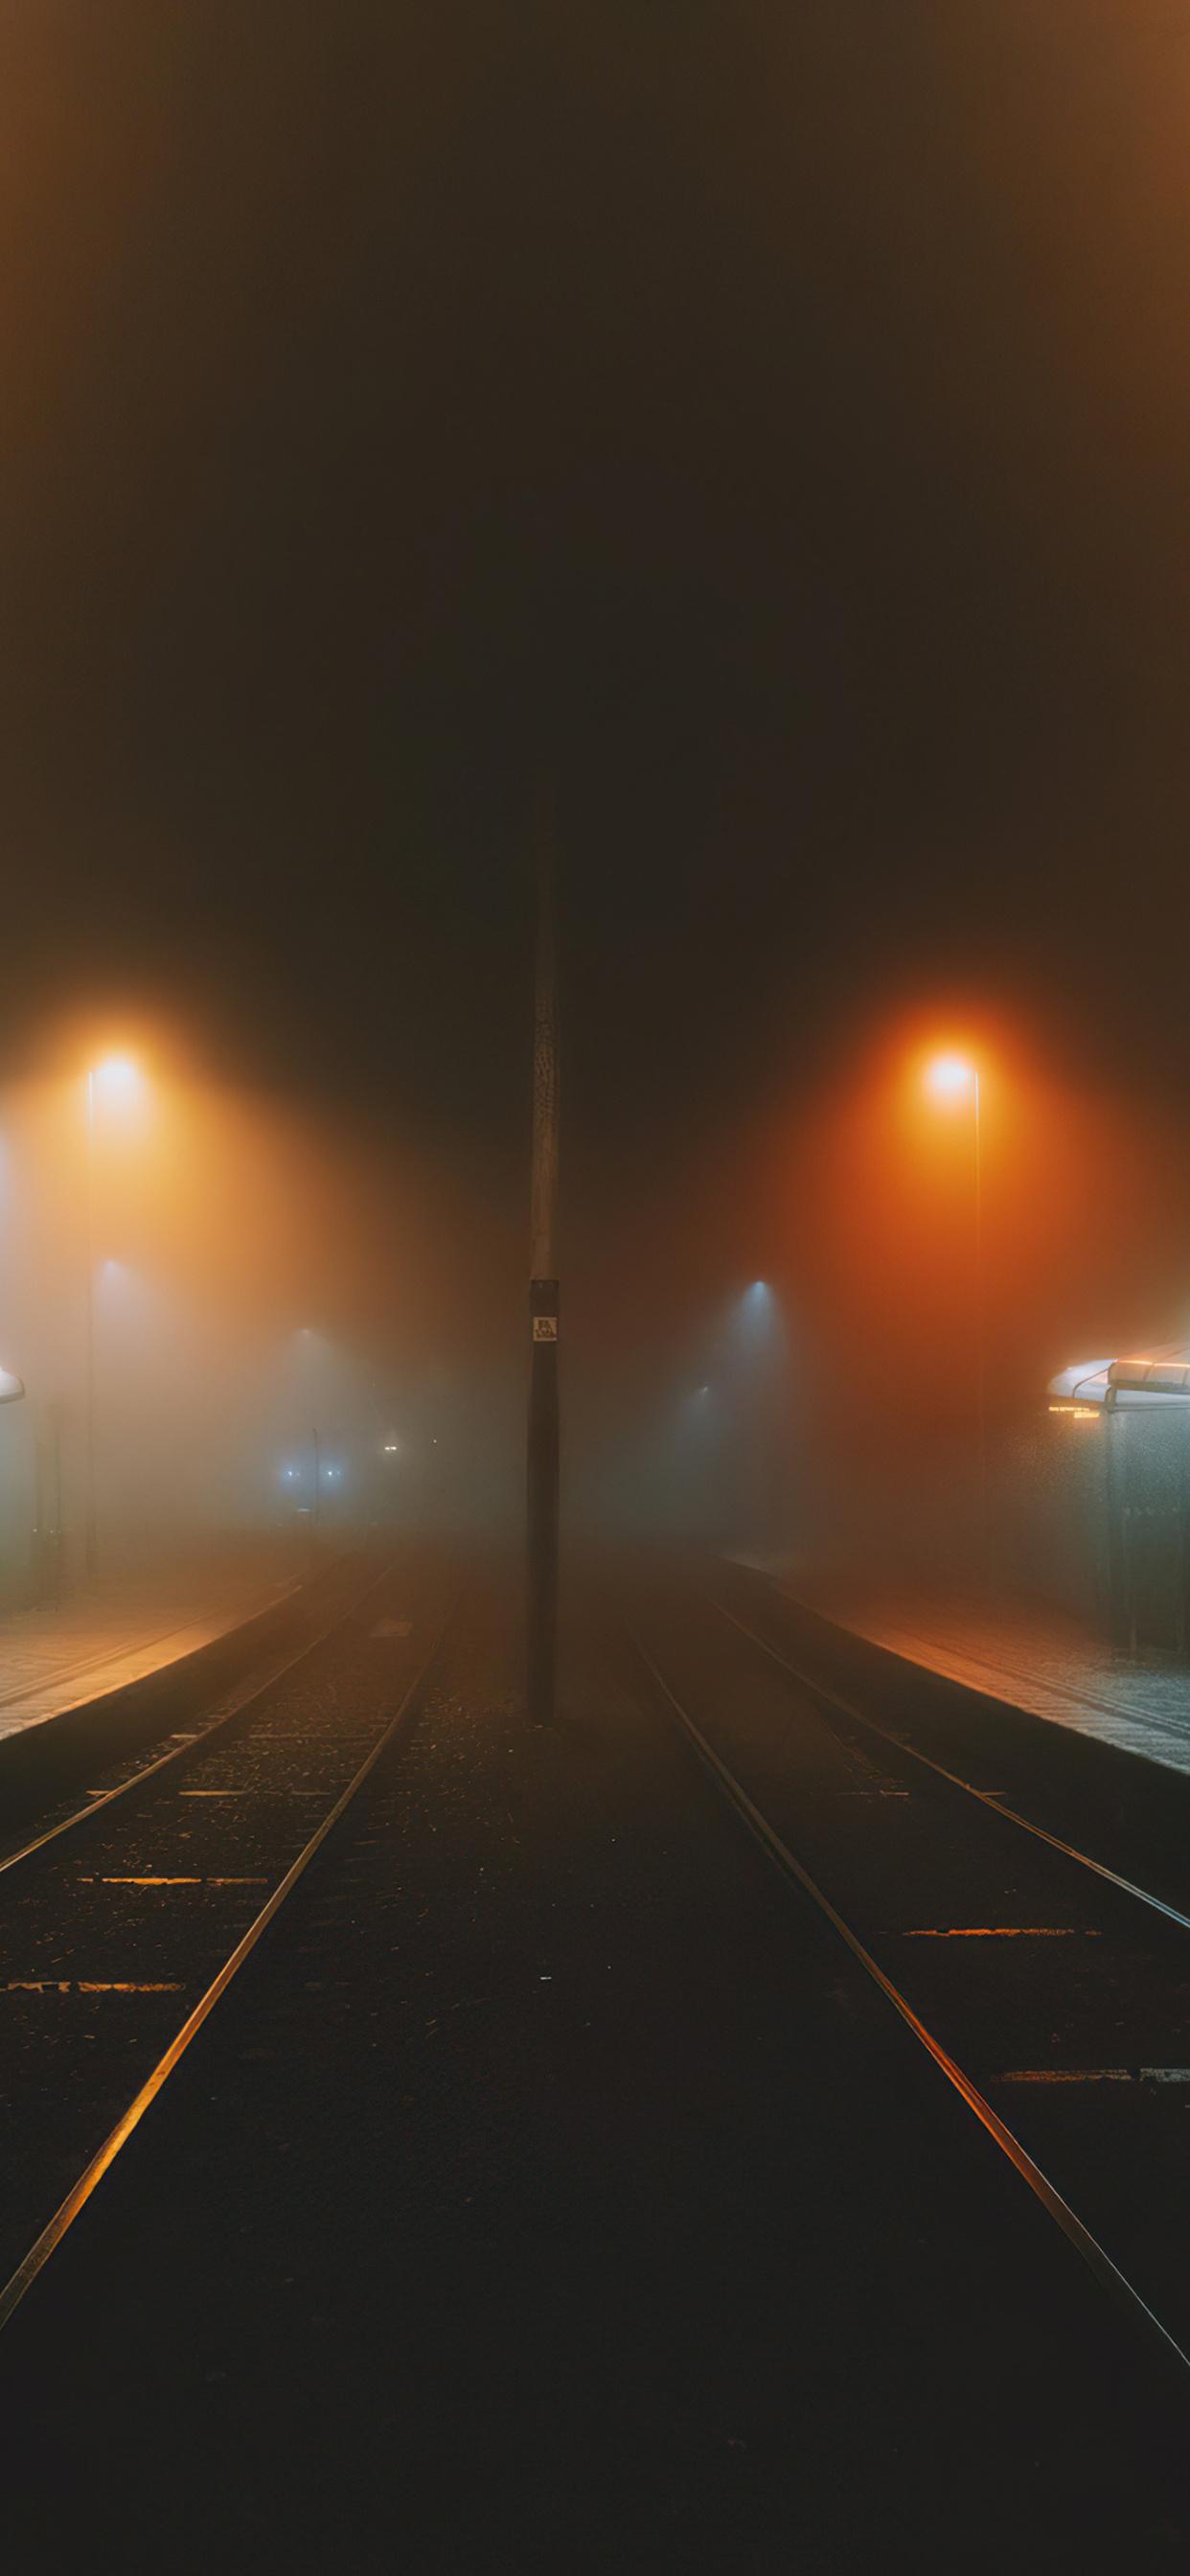 foggy-train-platform-4k-8v.jpg